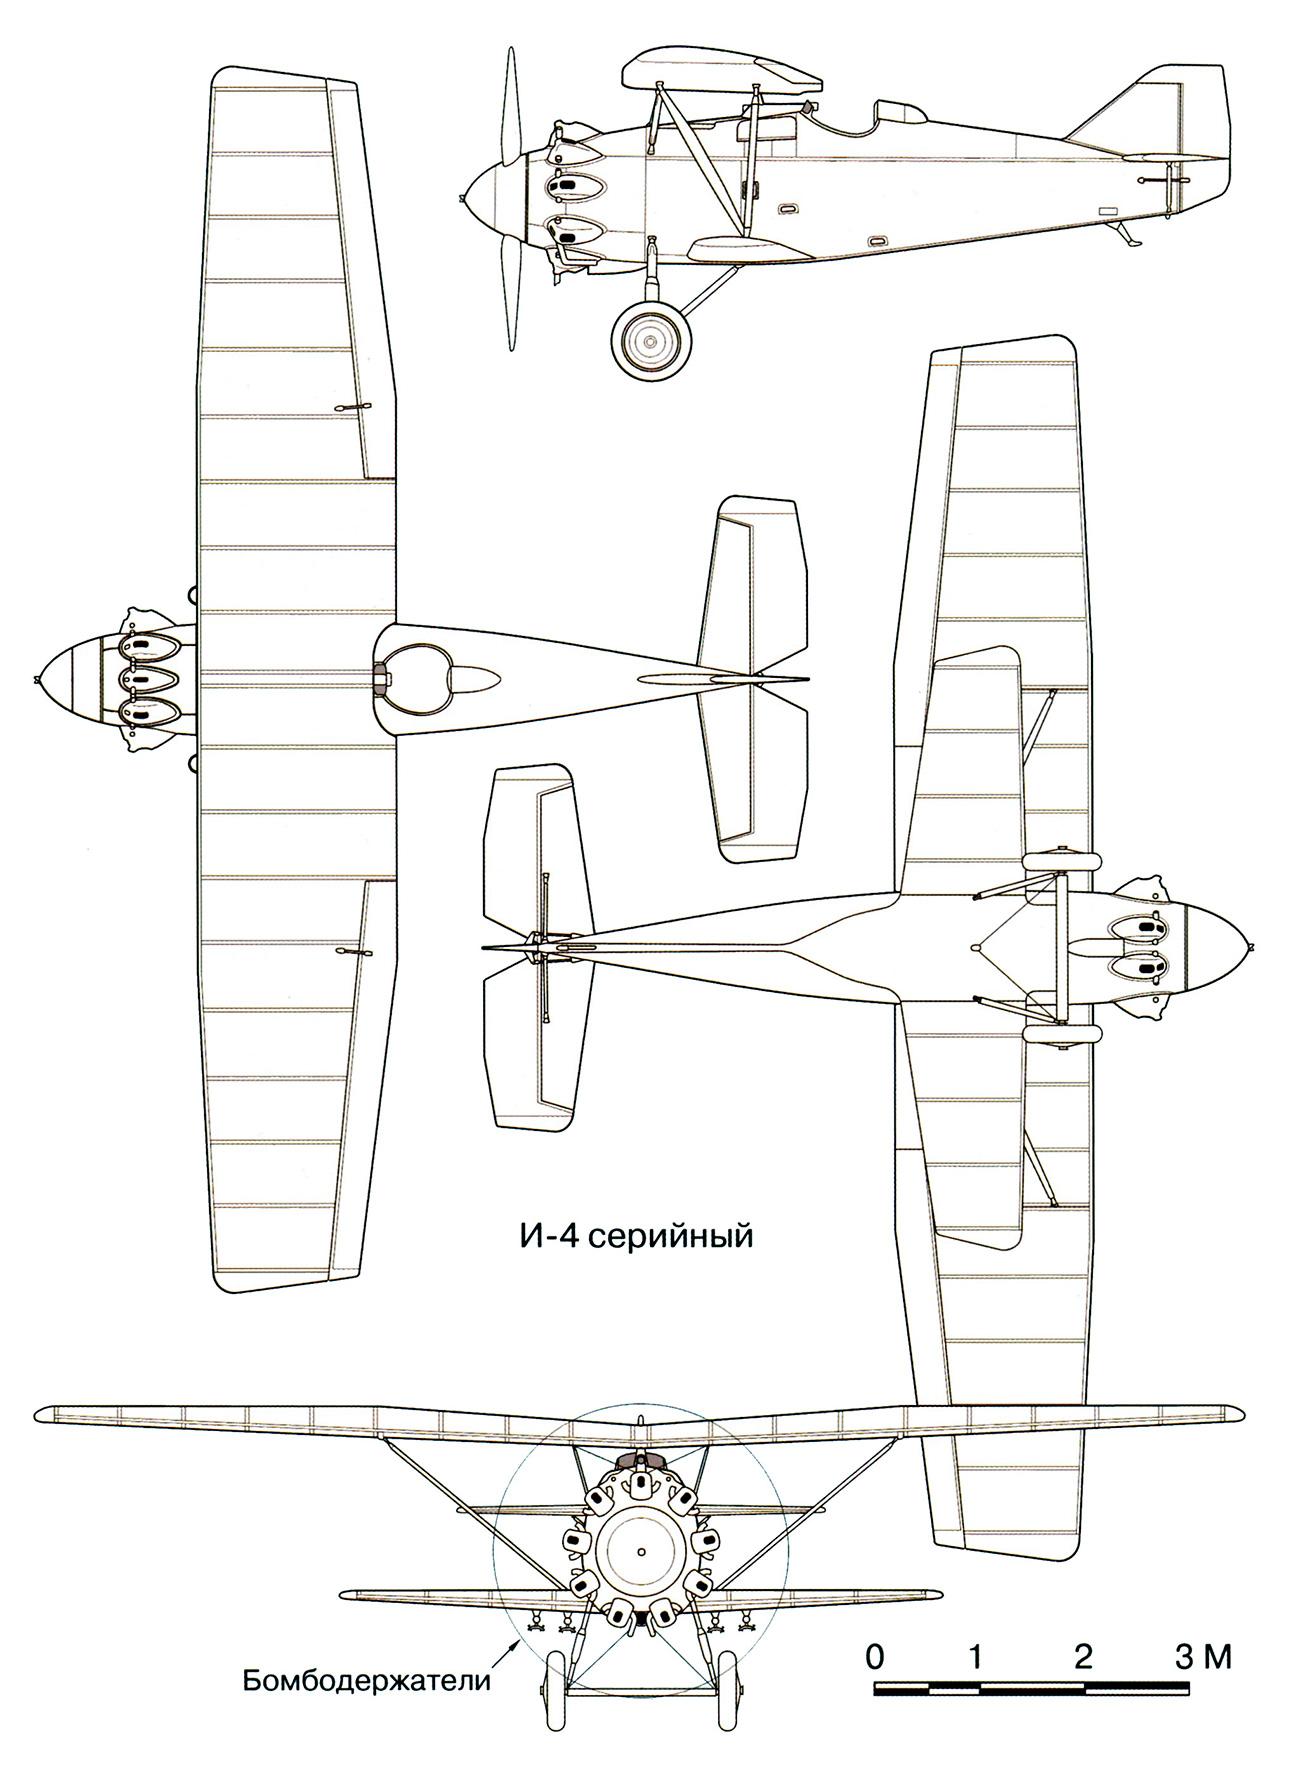 Чертеж истребителя И-4 (АНТ-5) конструкции П.О.Сухого